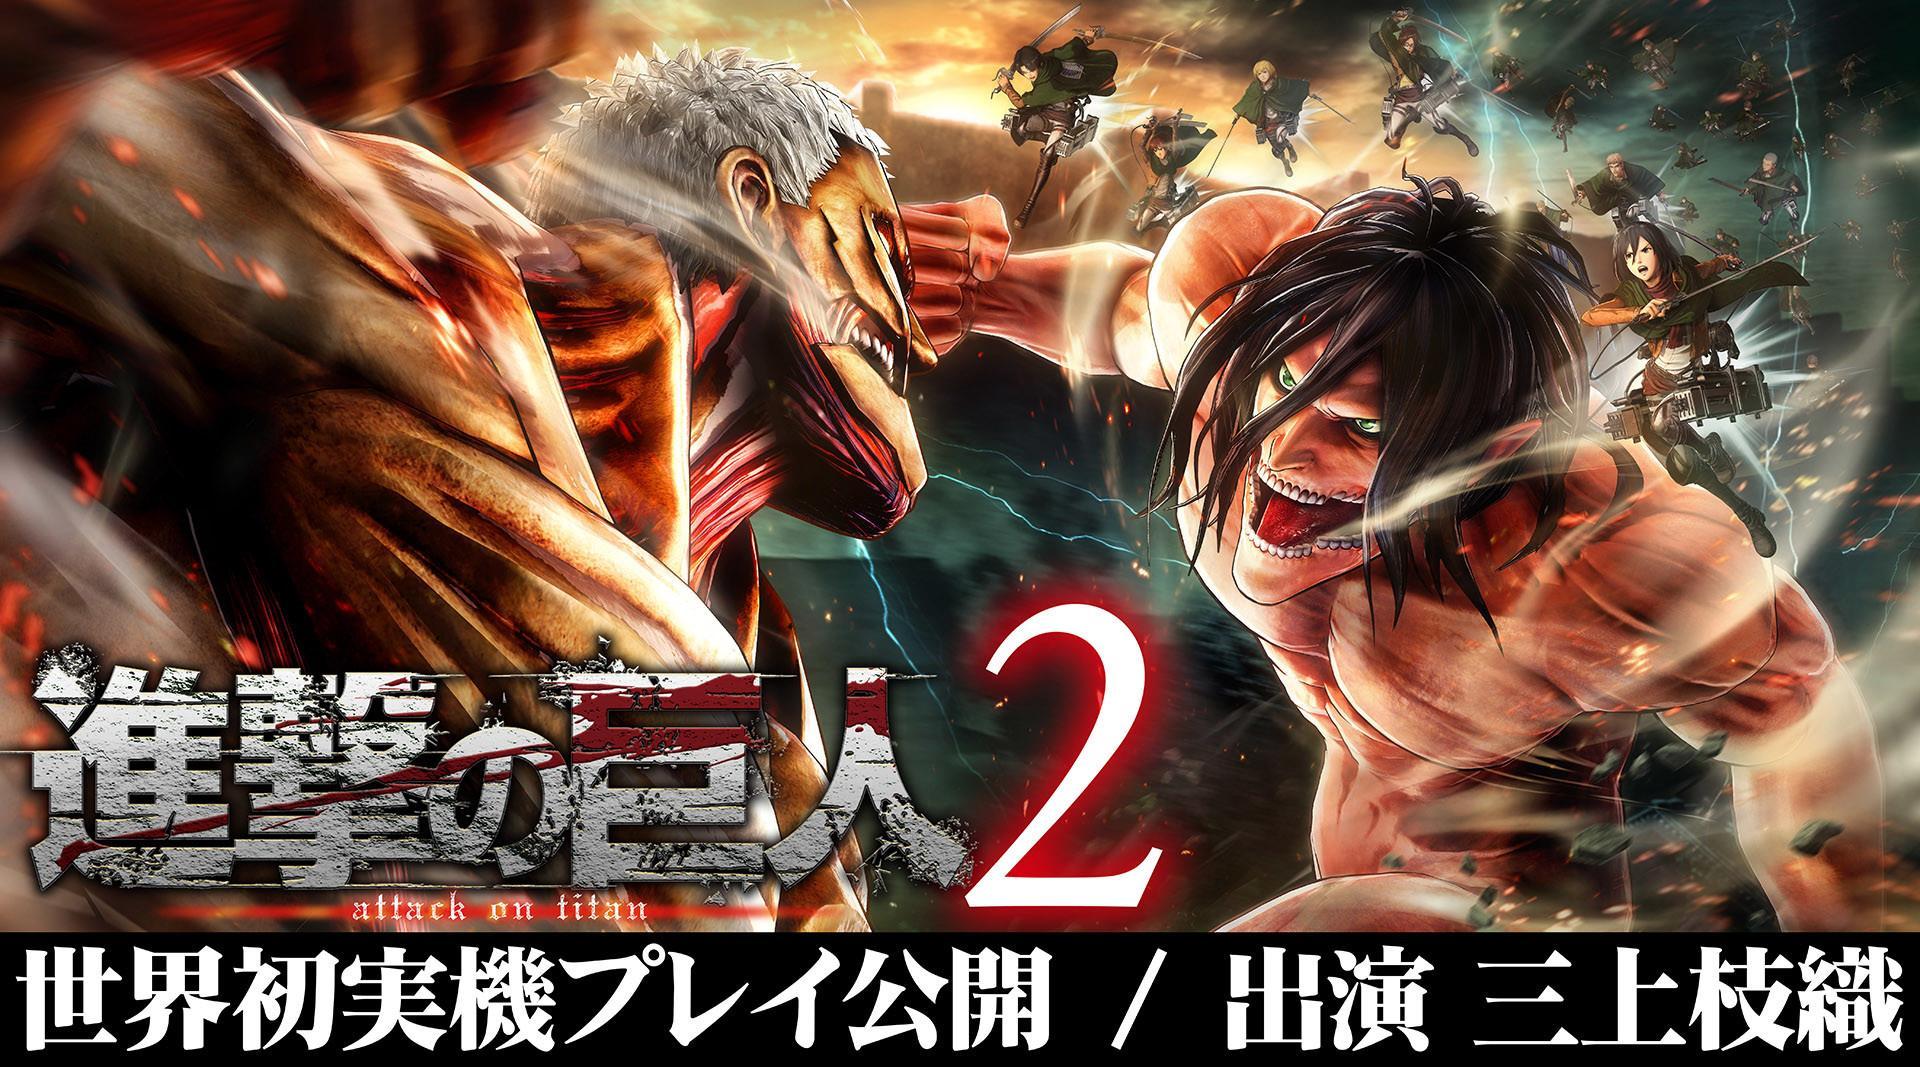 『進撃の巨人2』の公式サイトが大幅リニューアル!10月24日 20:00~生放送の特番も決定!